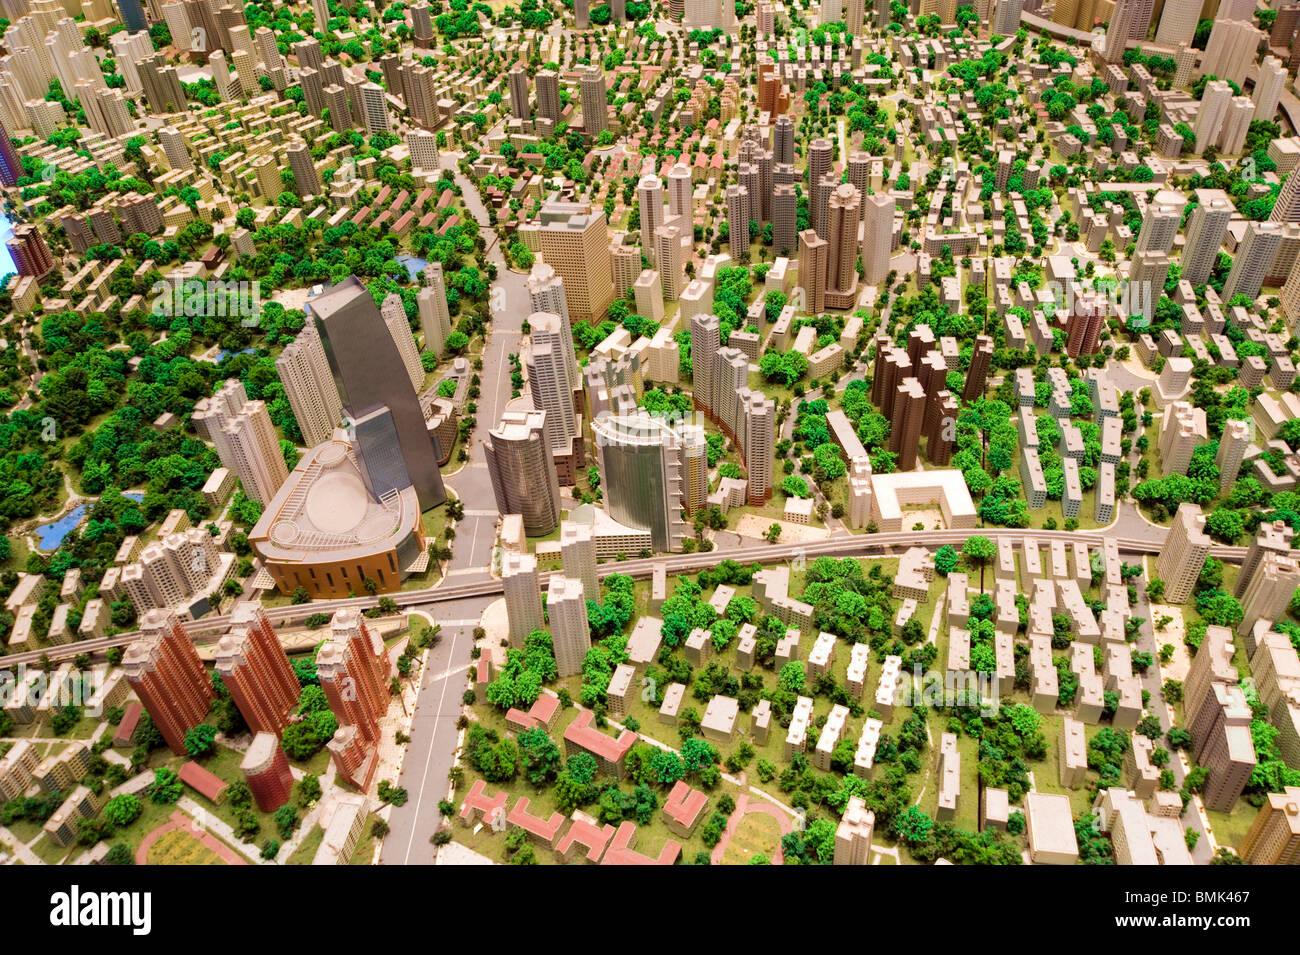 Maqueta de la ciudad en el museo de planificación urbana de Shanghai, Shanghai, China Imagen De Stock